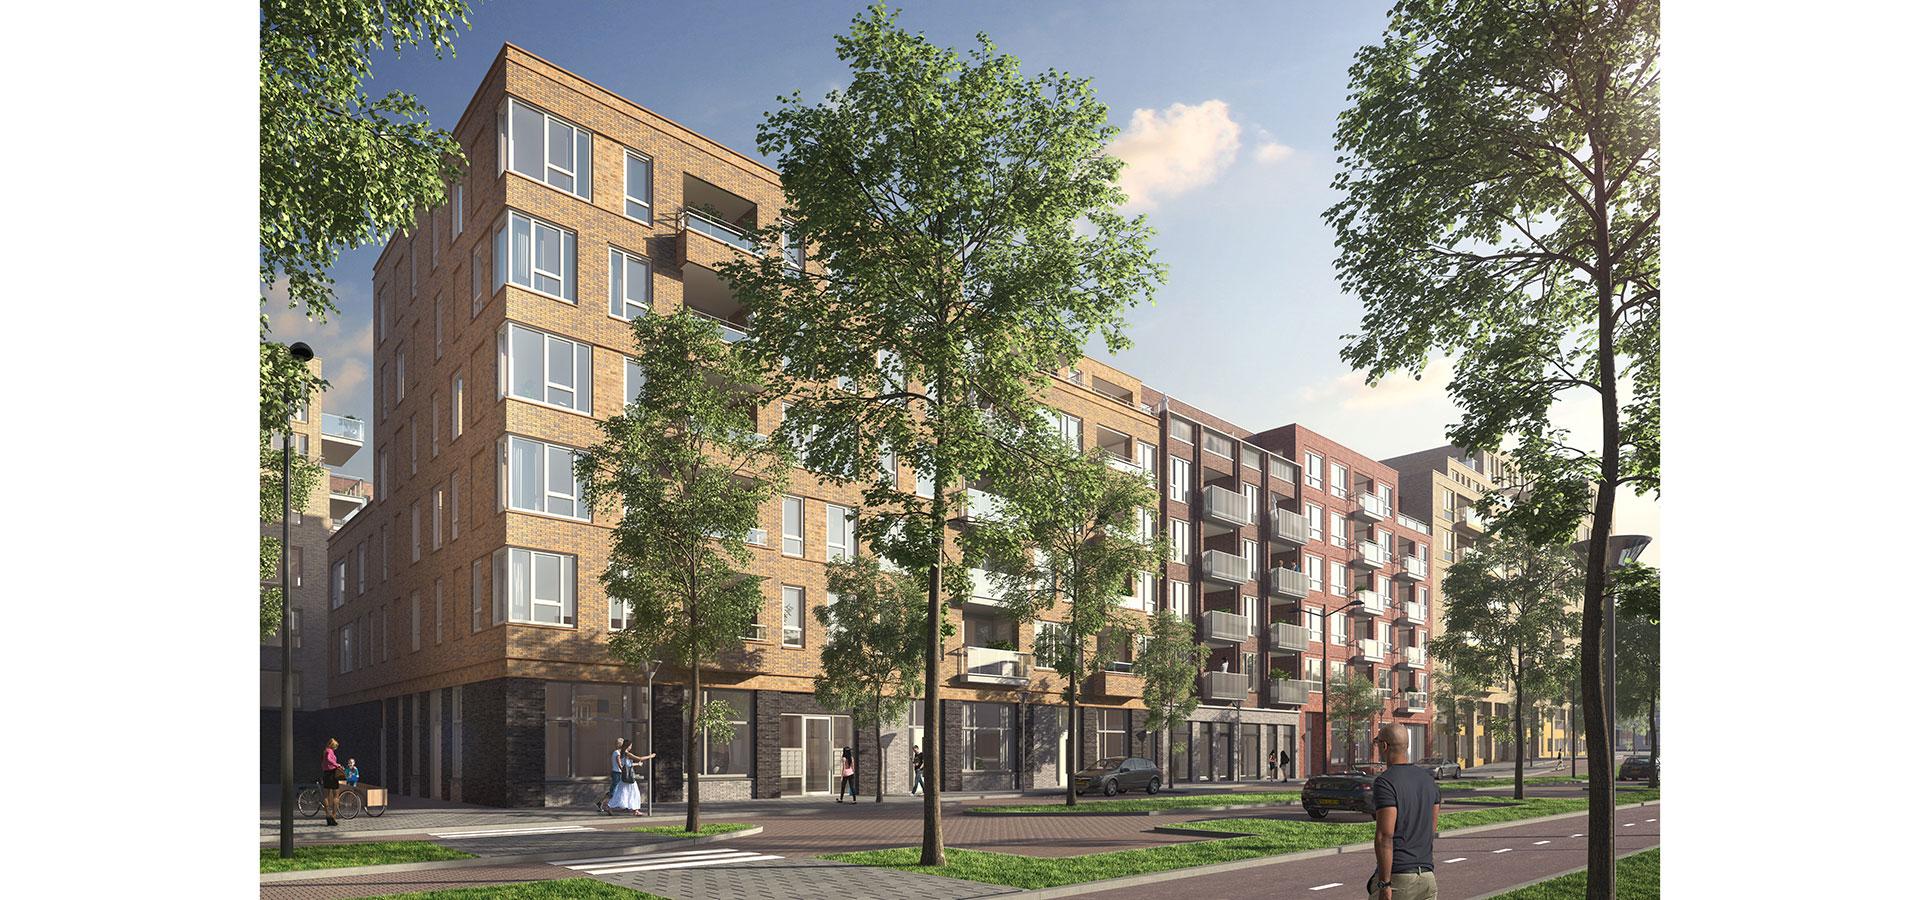 FARO architectenvan Leeuwenhoekkwartier Delft08